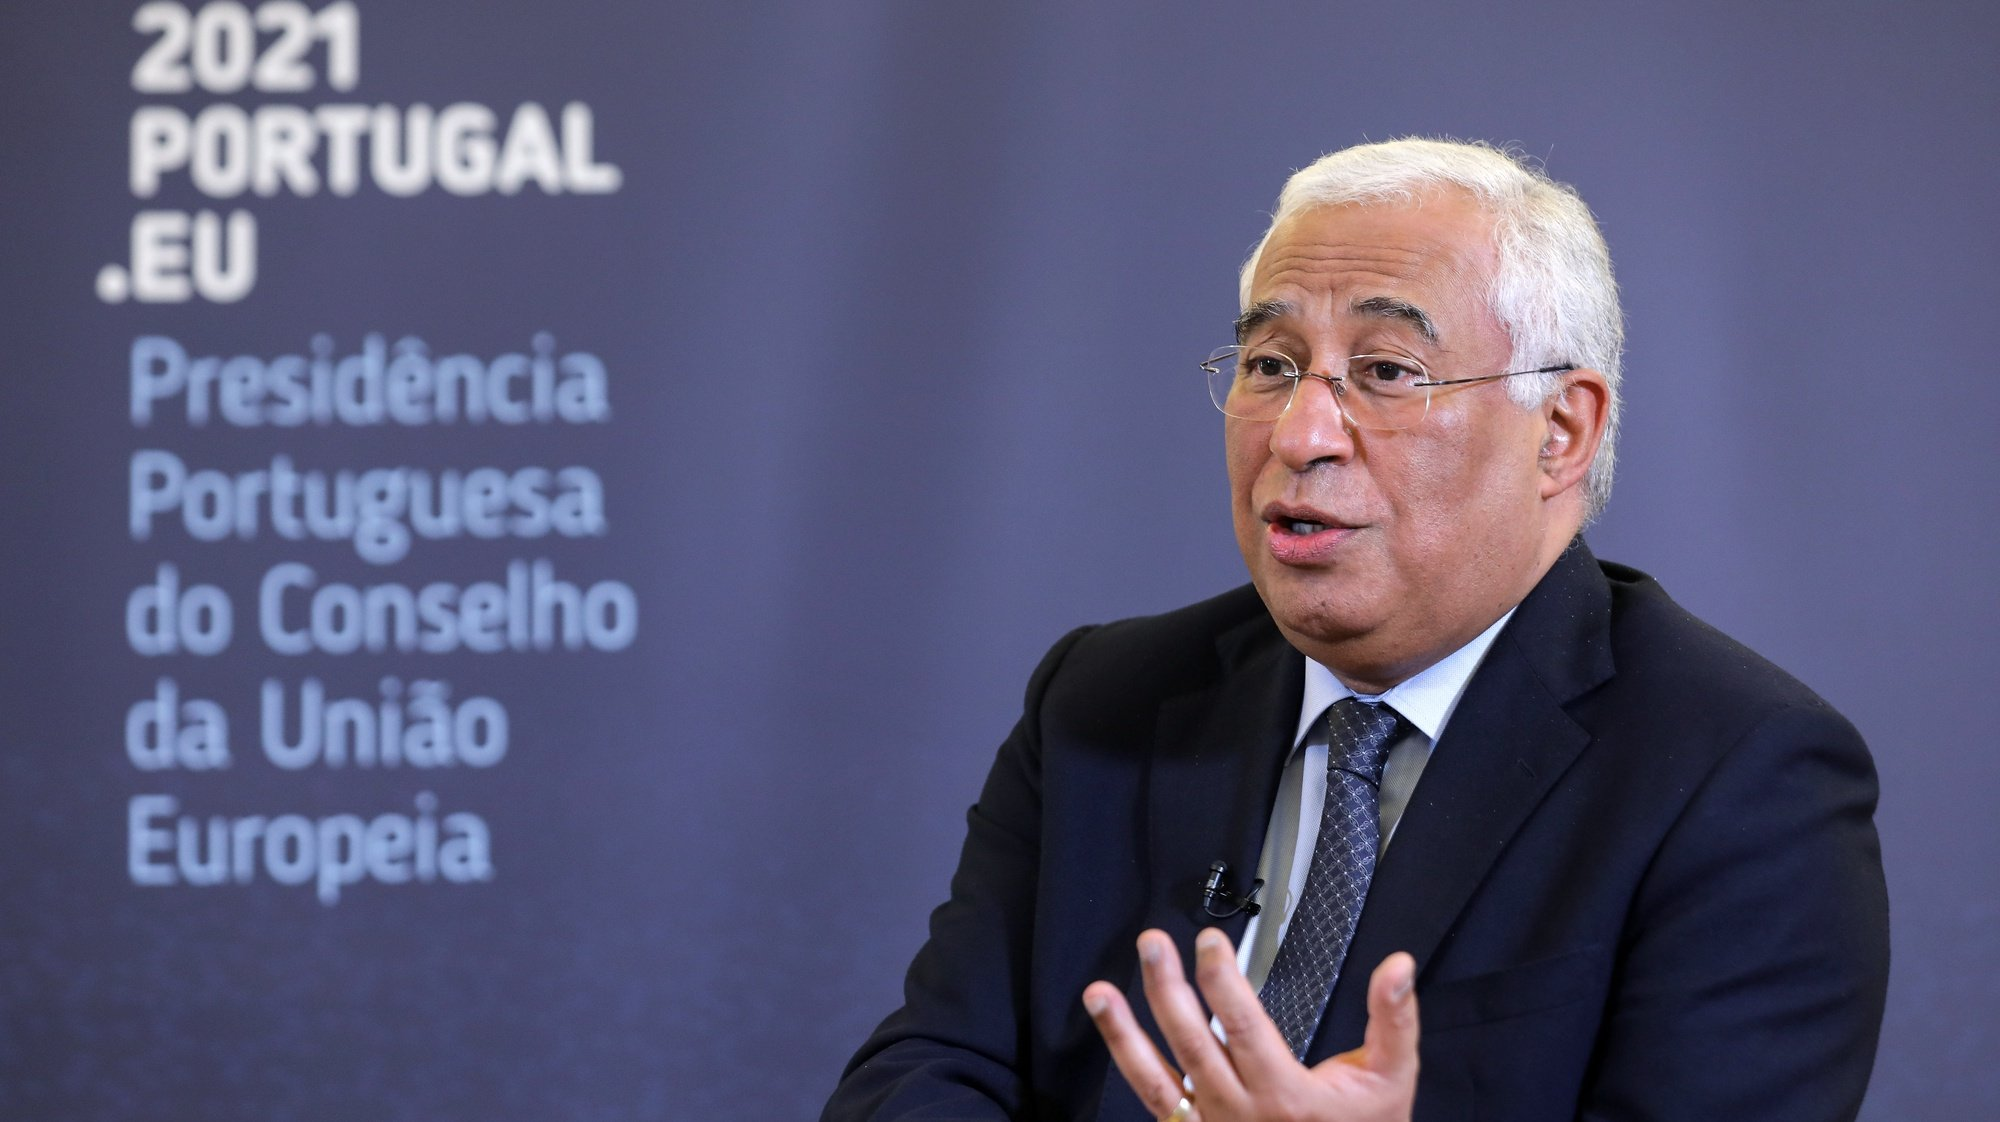 O primeiro-ministro, António Costa, fala durante uma entrevista à agência Lusa sobre a Presidência Portuguesa do Conselho da União Europeia que irá decorrer de 01 de janeiro de 2021 a 30 de junho de 2021, no Palácio de São Bento, em Lisboa, 30 de dezembro de 2020. (ACOMPANHA TEXTO DA LUSA DO DIA 04 DE JANEIRO DE 2021). MIGUEL A. LOPES/LUSA